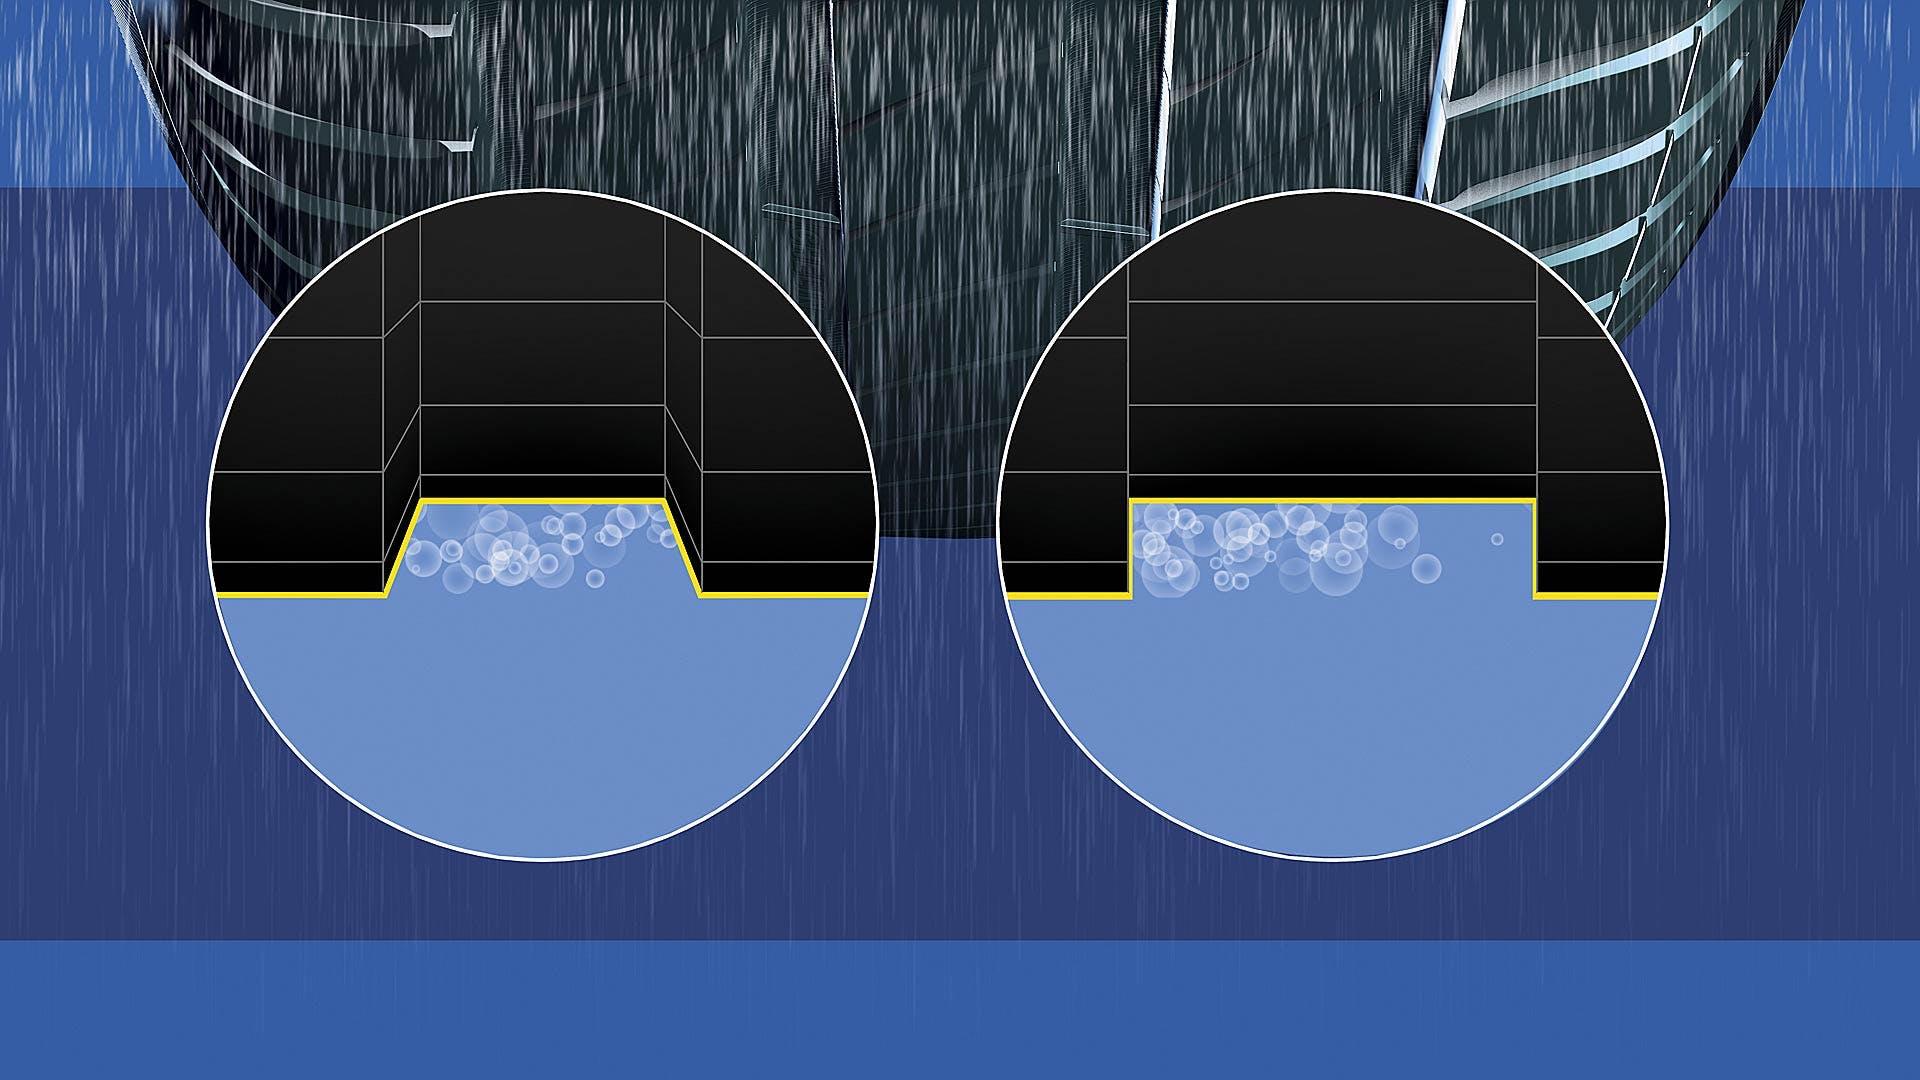 Il battistrada del Michelin Primacy 4: il battistrada ha trama rettangolare affiancata a quella trapezoidale